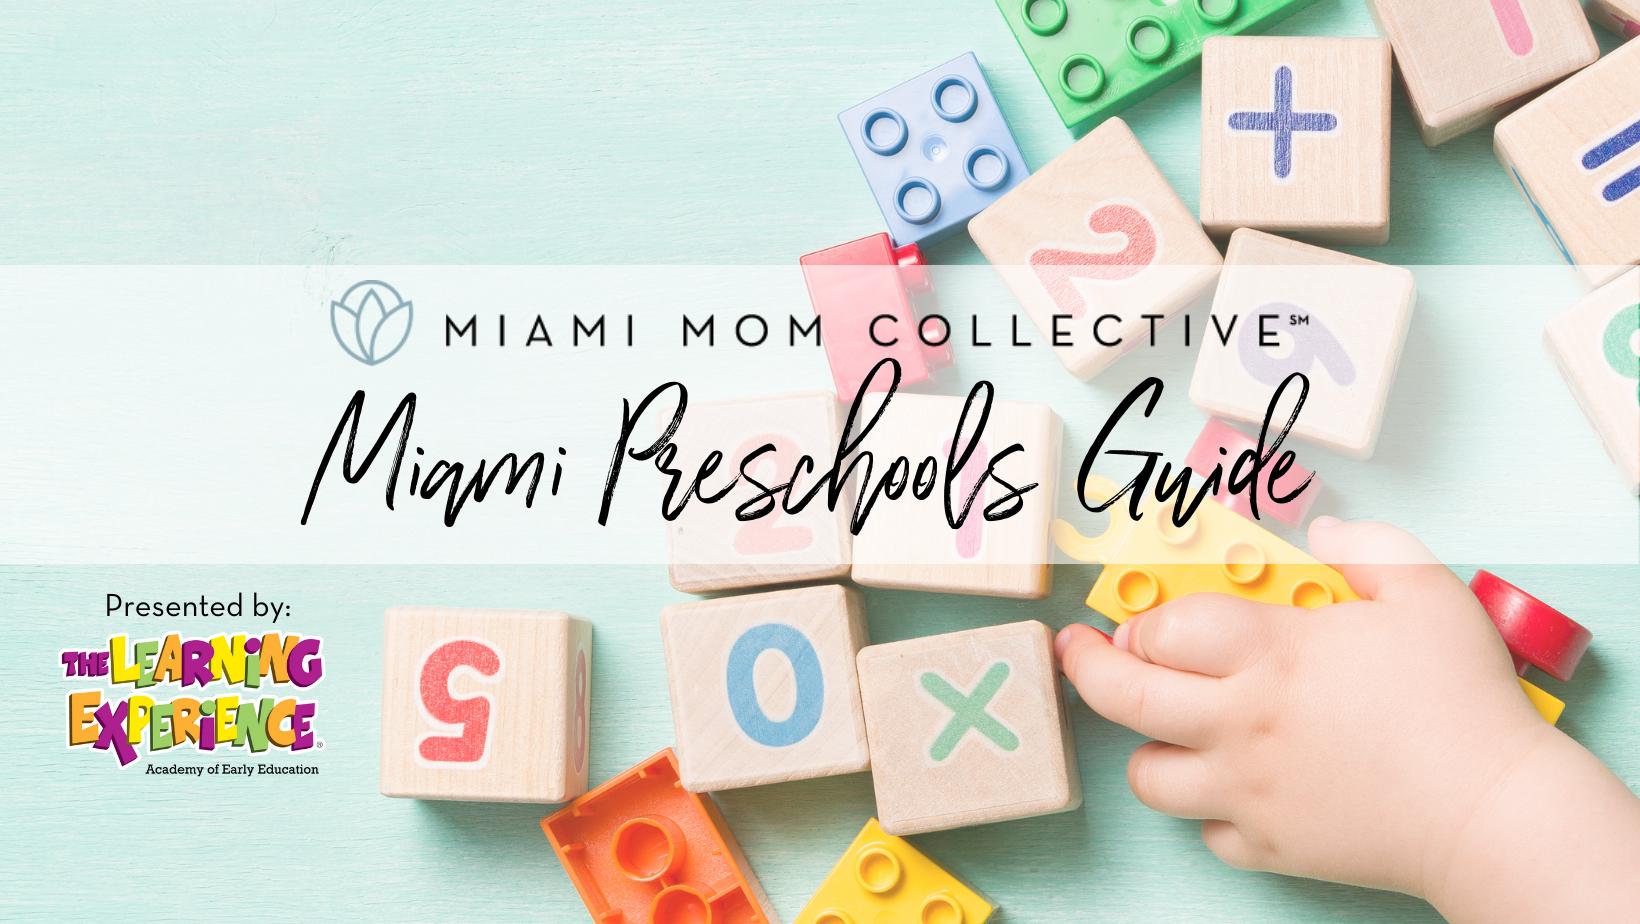 Miami Mom Collective Preschools Guide 2021